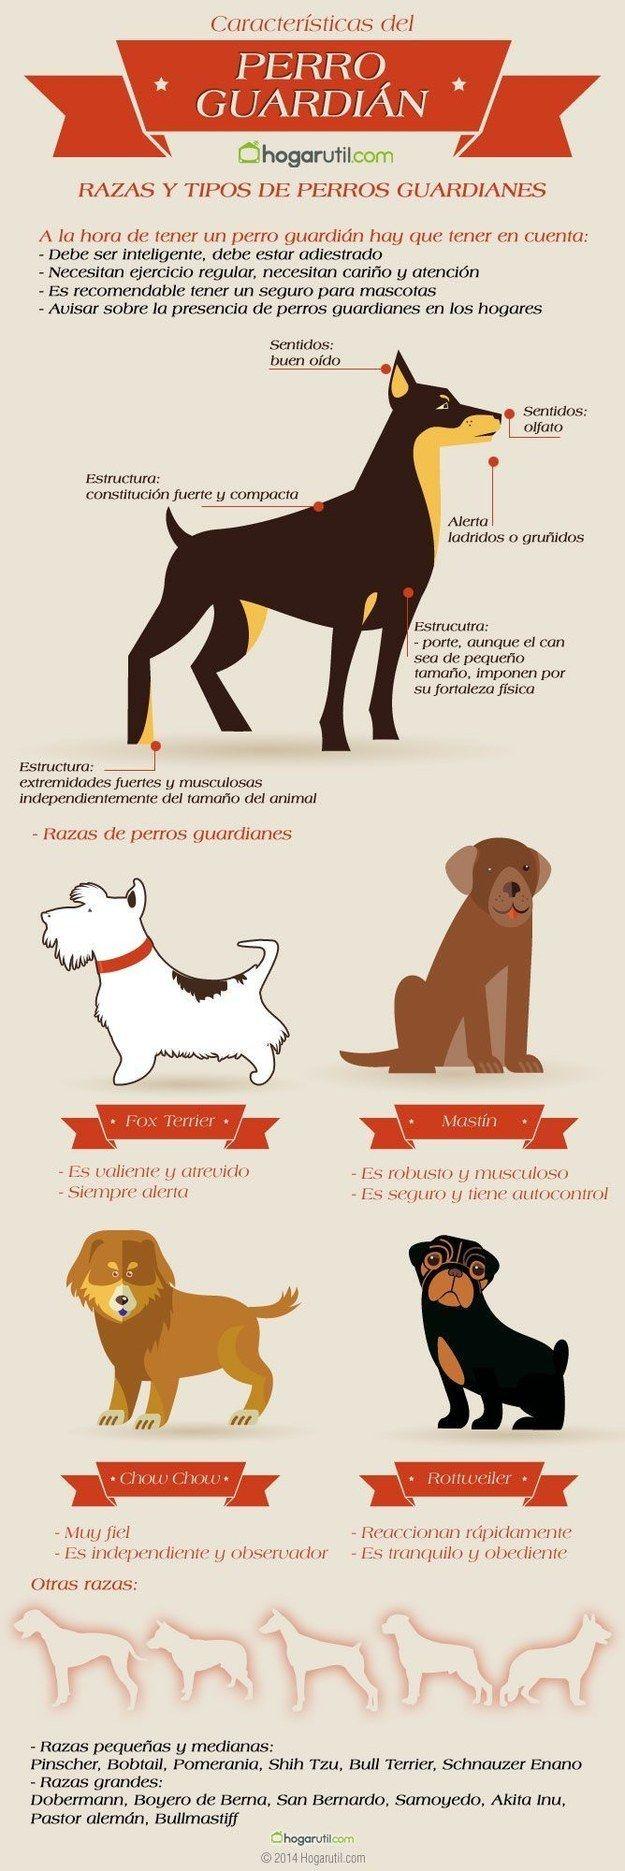 Tipos De Collares De Castigo Para Perros Si Lo Que Buscas Es Un Perro Guardian El Chow Chow Y El